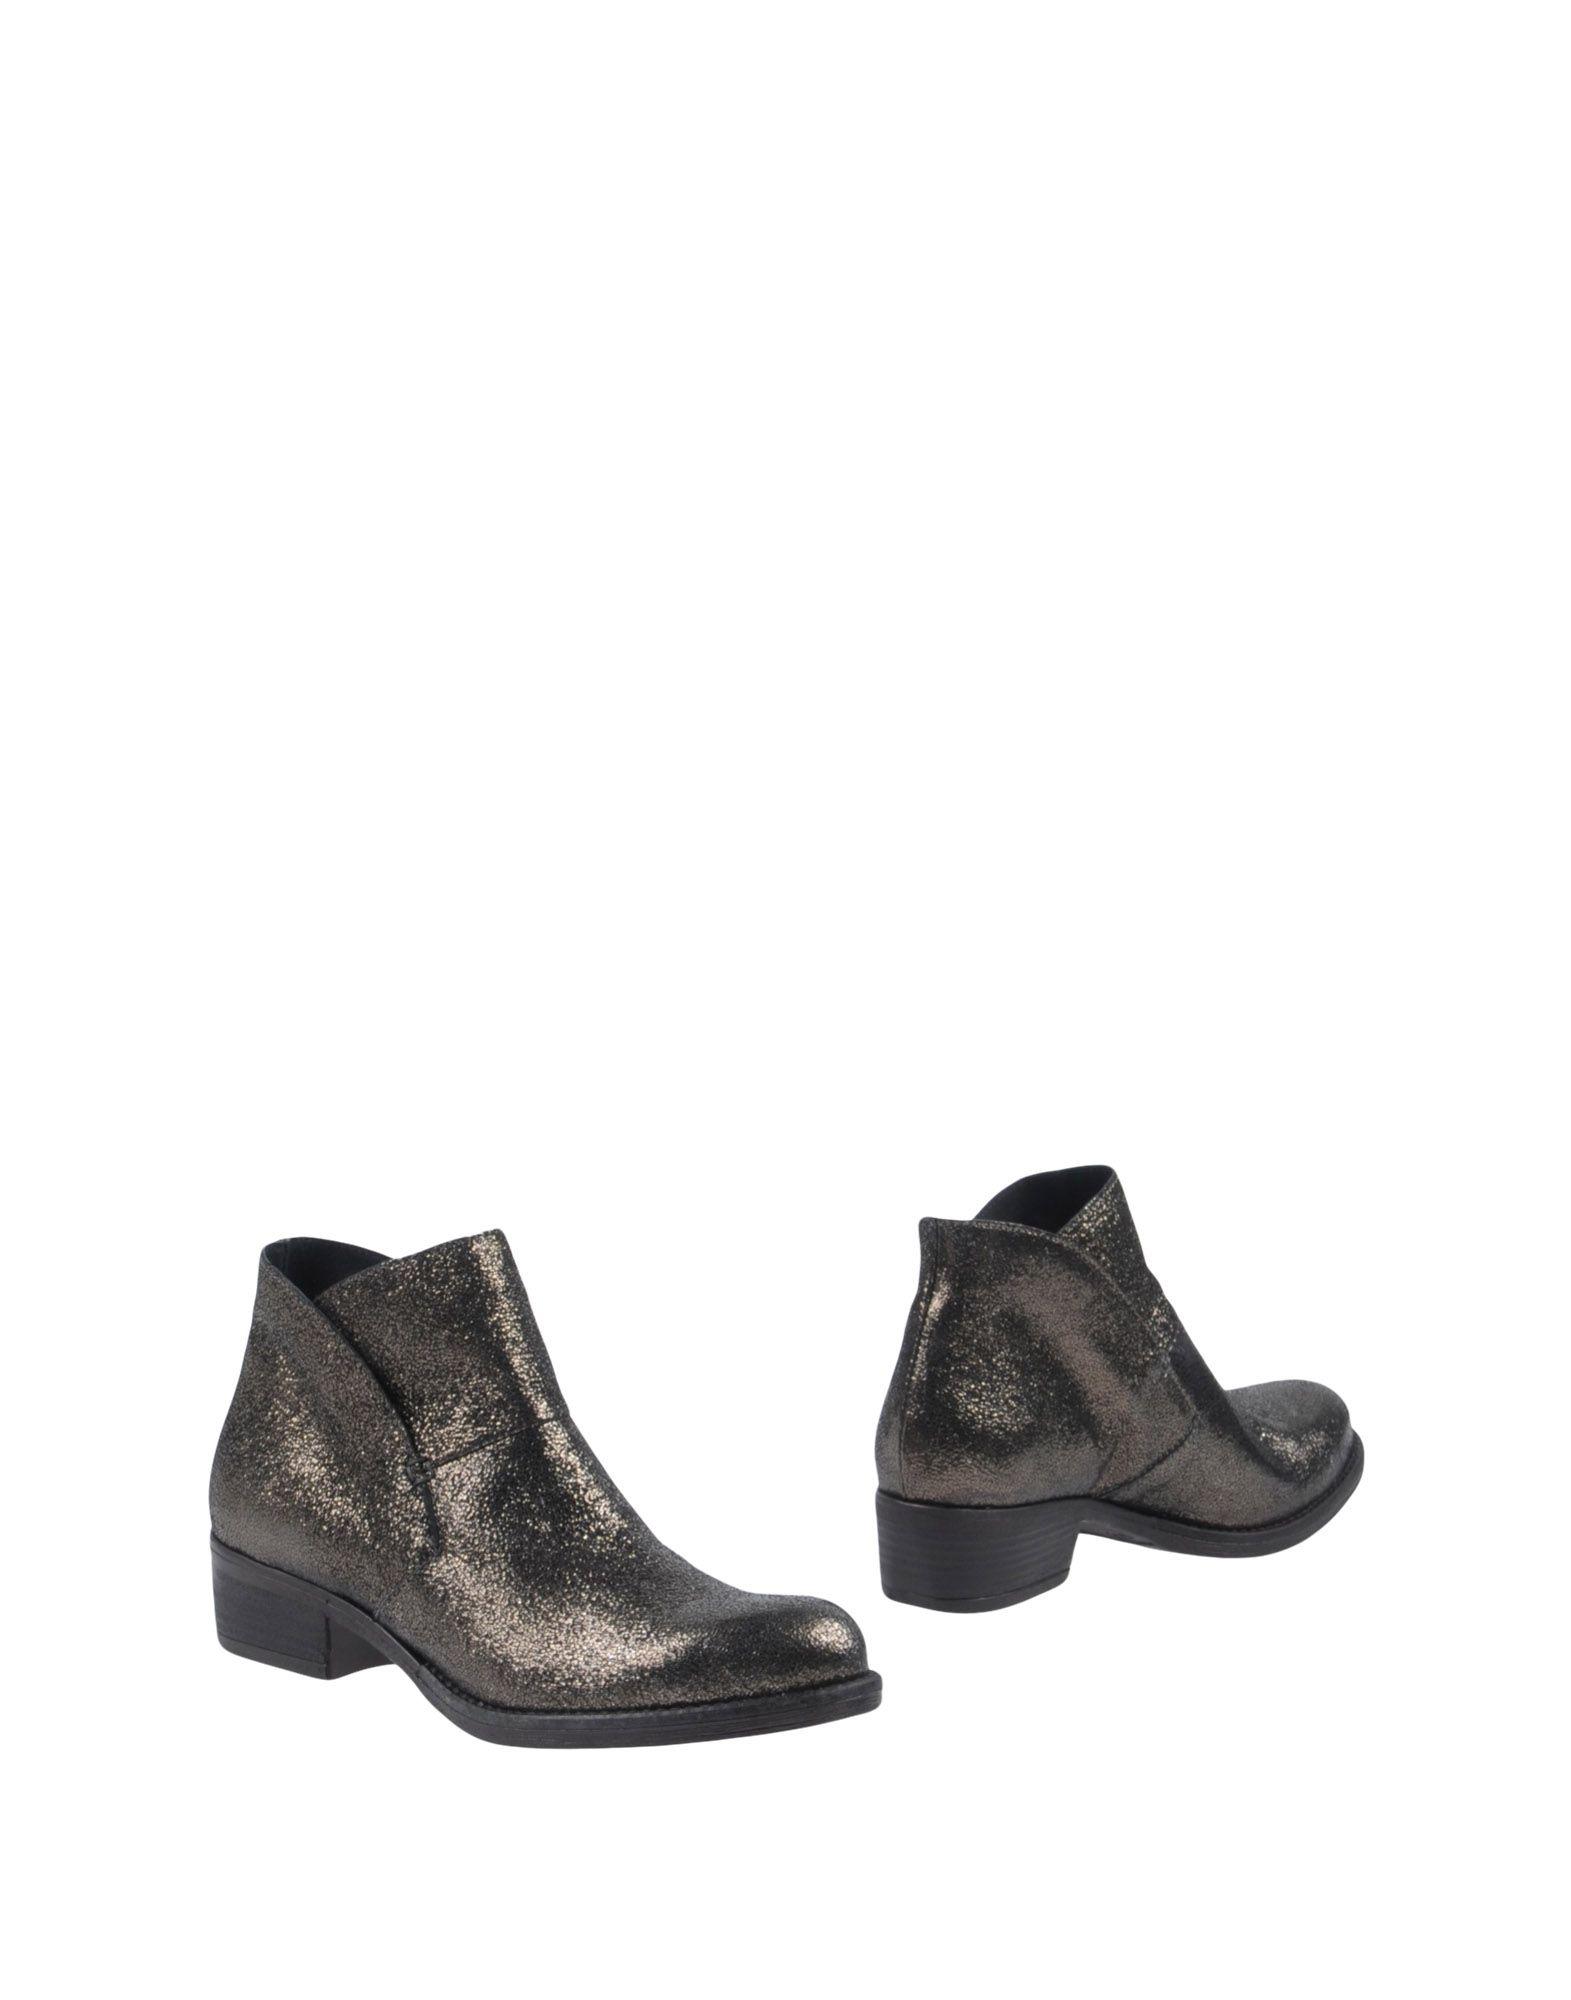 Manufacture D'essai Stiefelette Damen  11446871WI Gute Qualität beliebte Schuhe